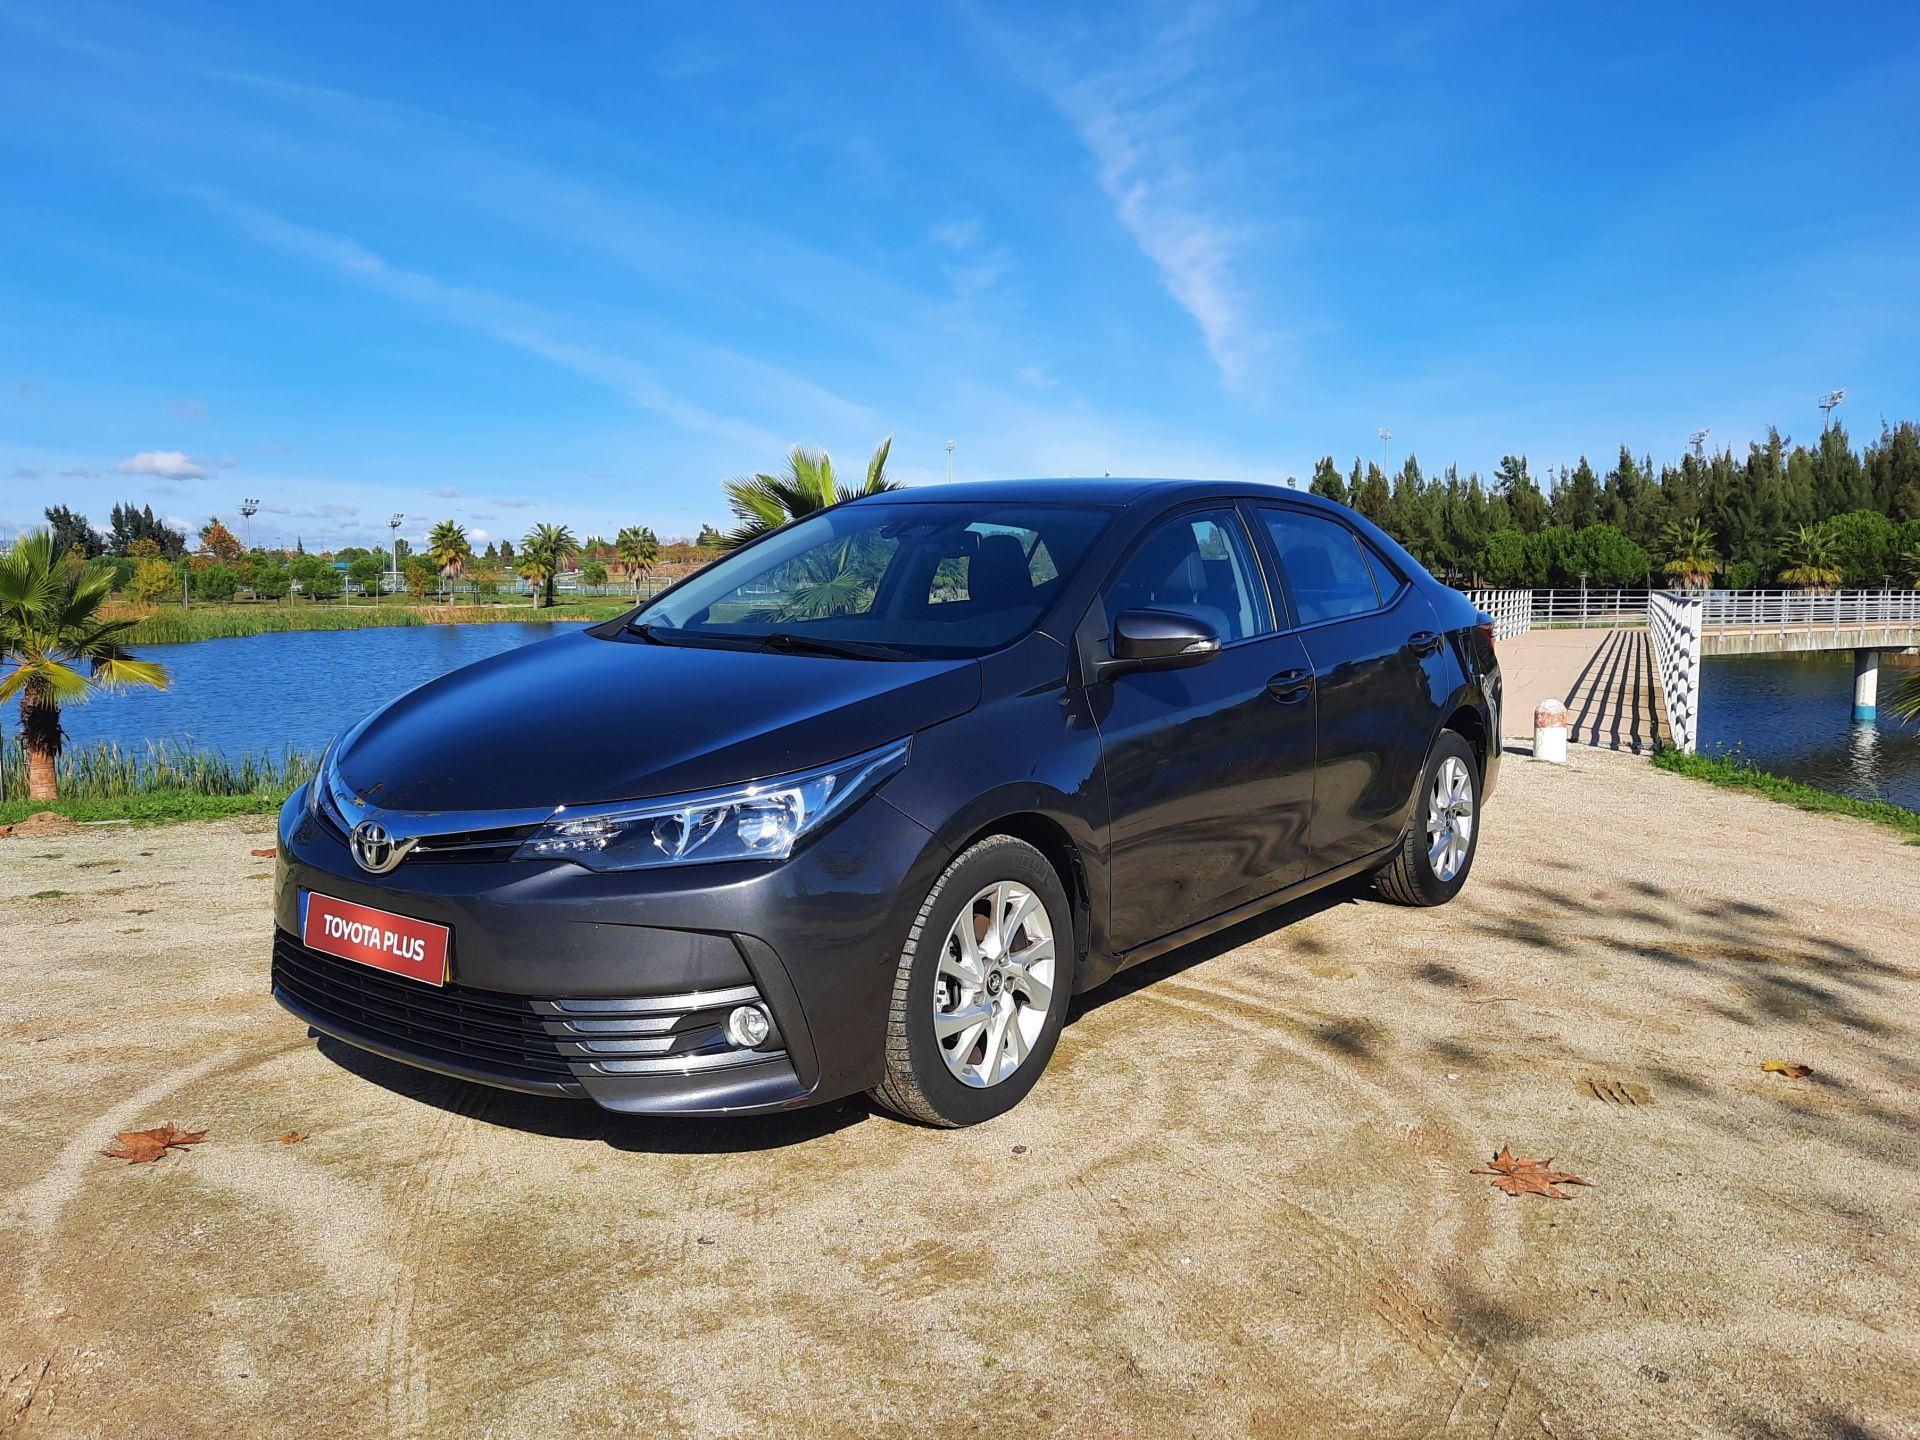 Toyota Corolla 1.4 D-4D Exclusive segunda mão Castelo Branco